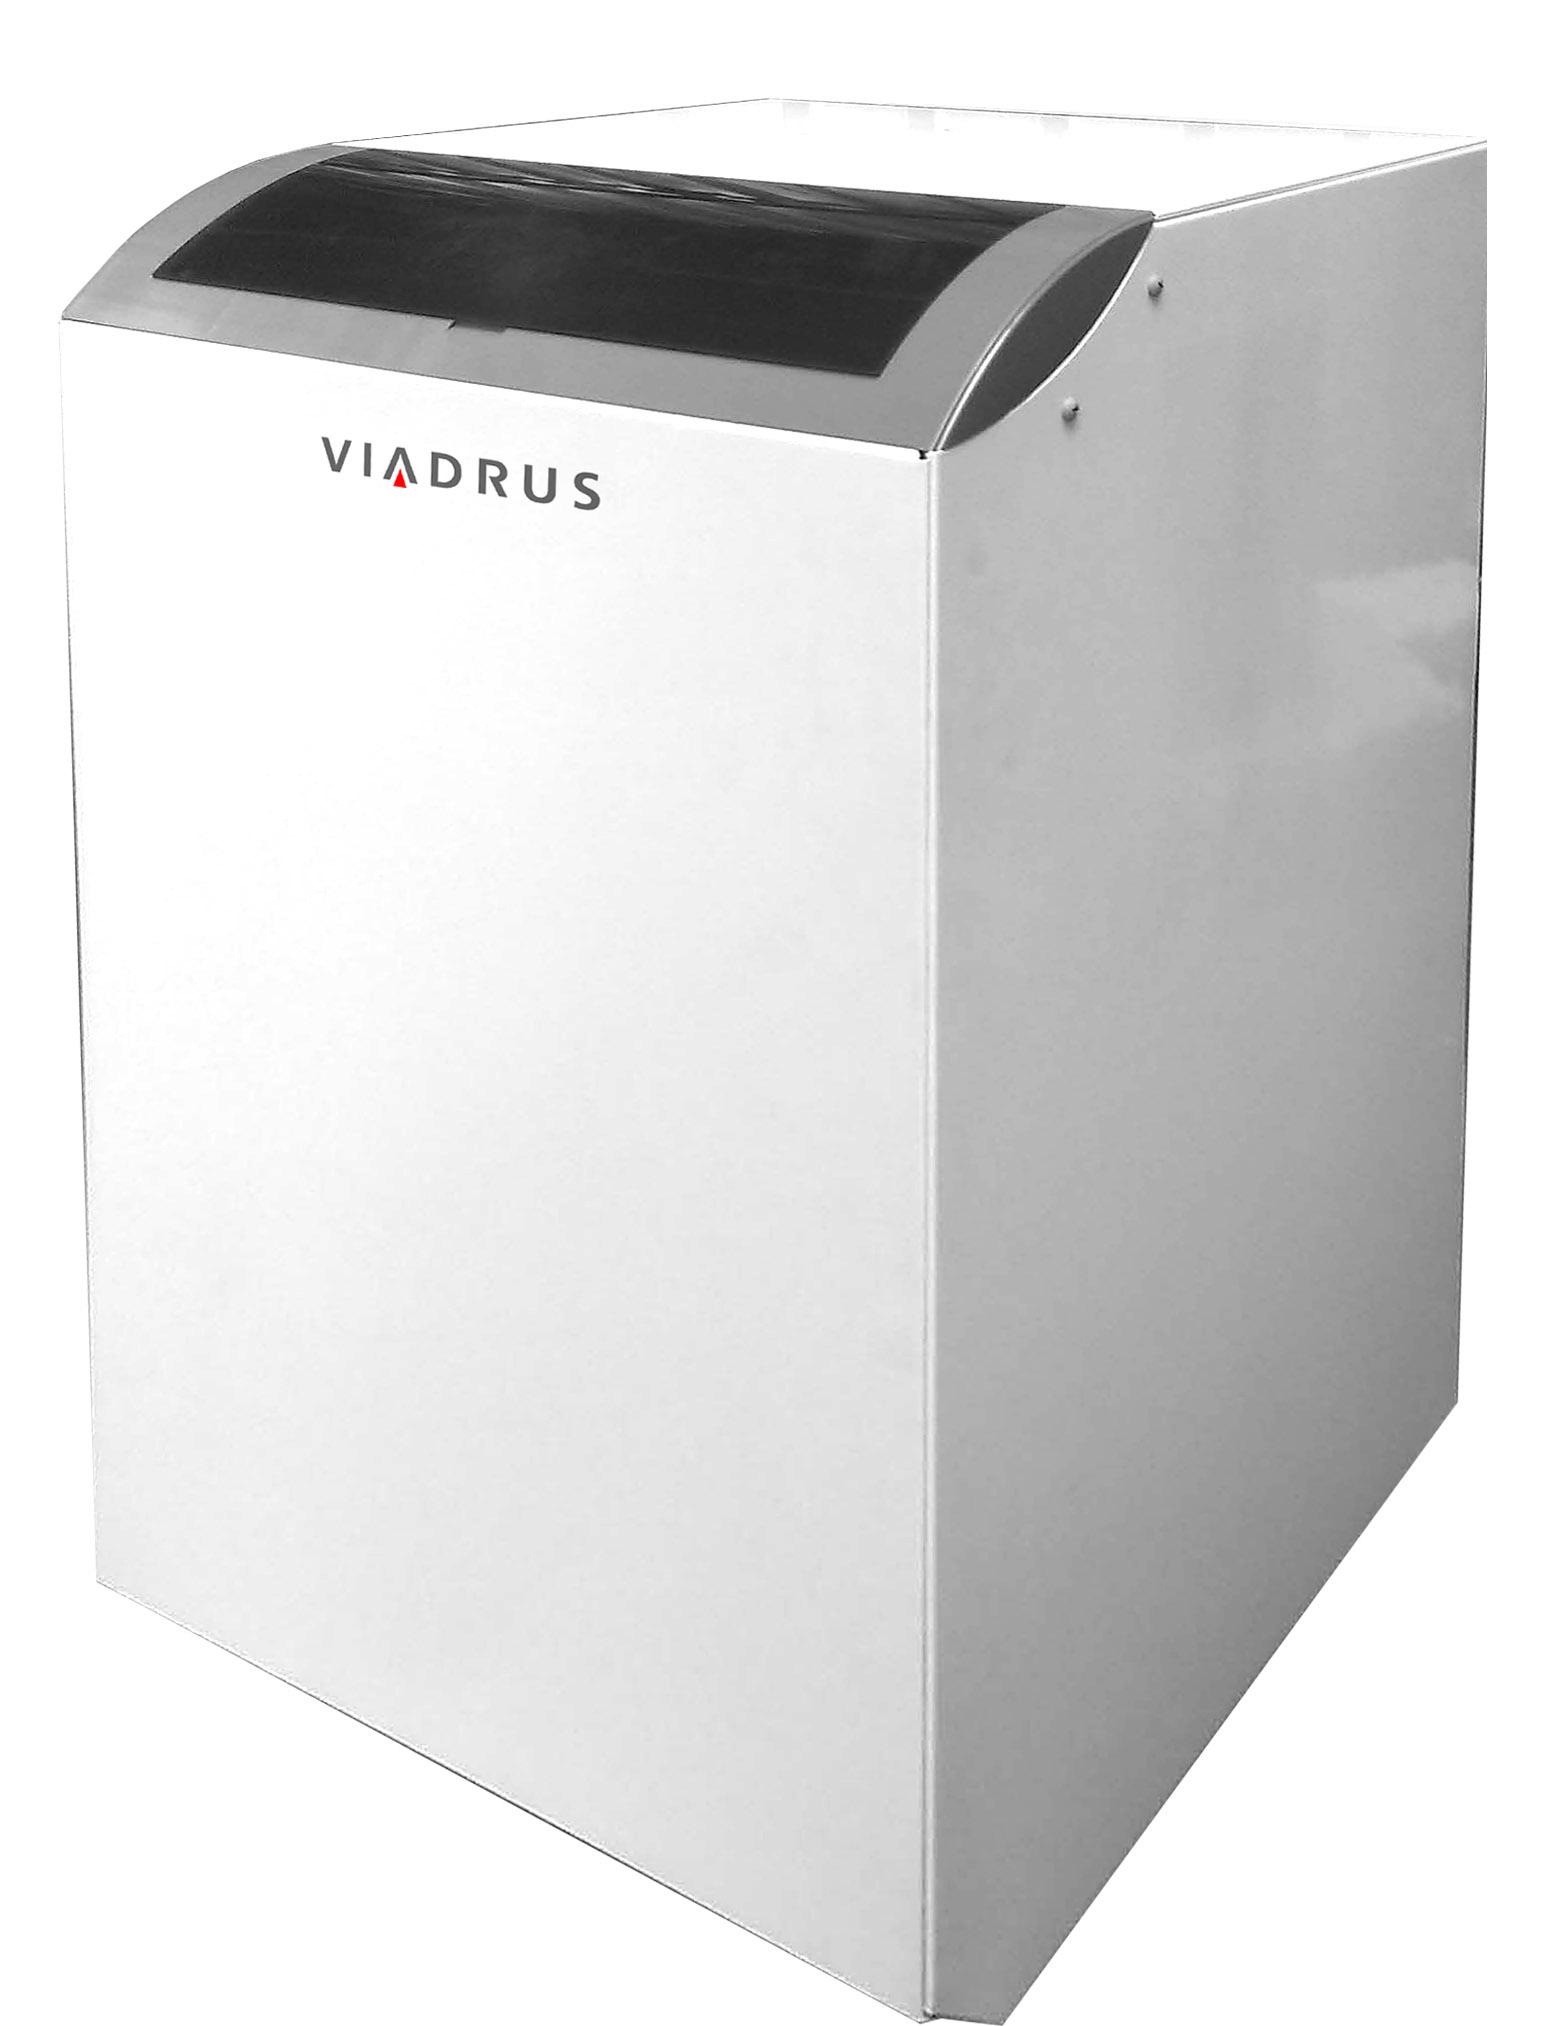 Напольный газовый котел Viadrus G36 BM 5 (34 кВт) Энергонезависимый.